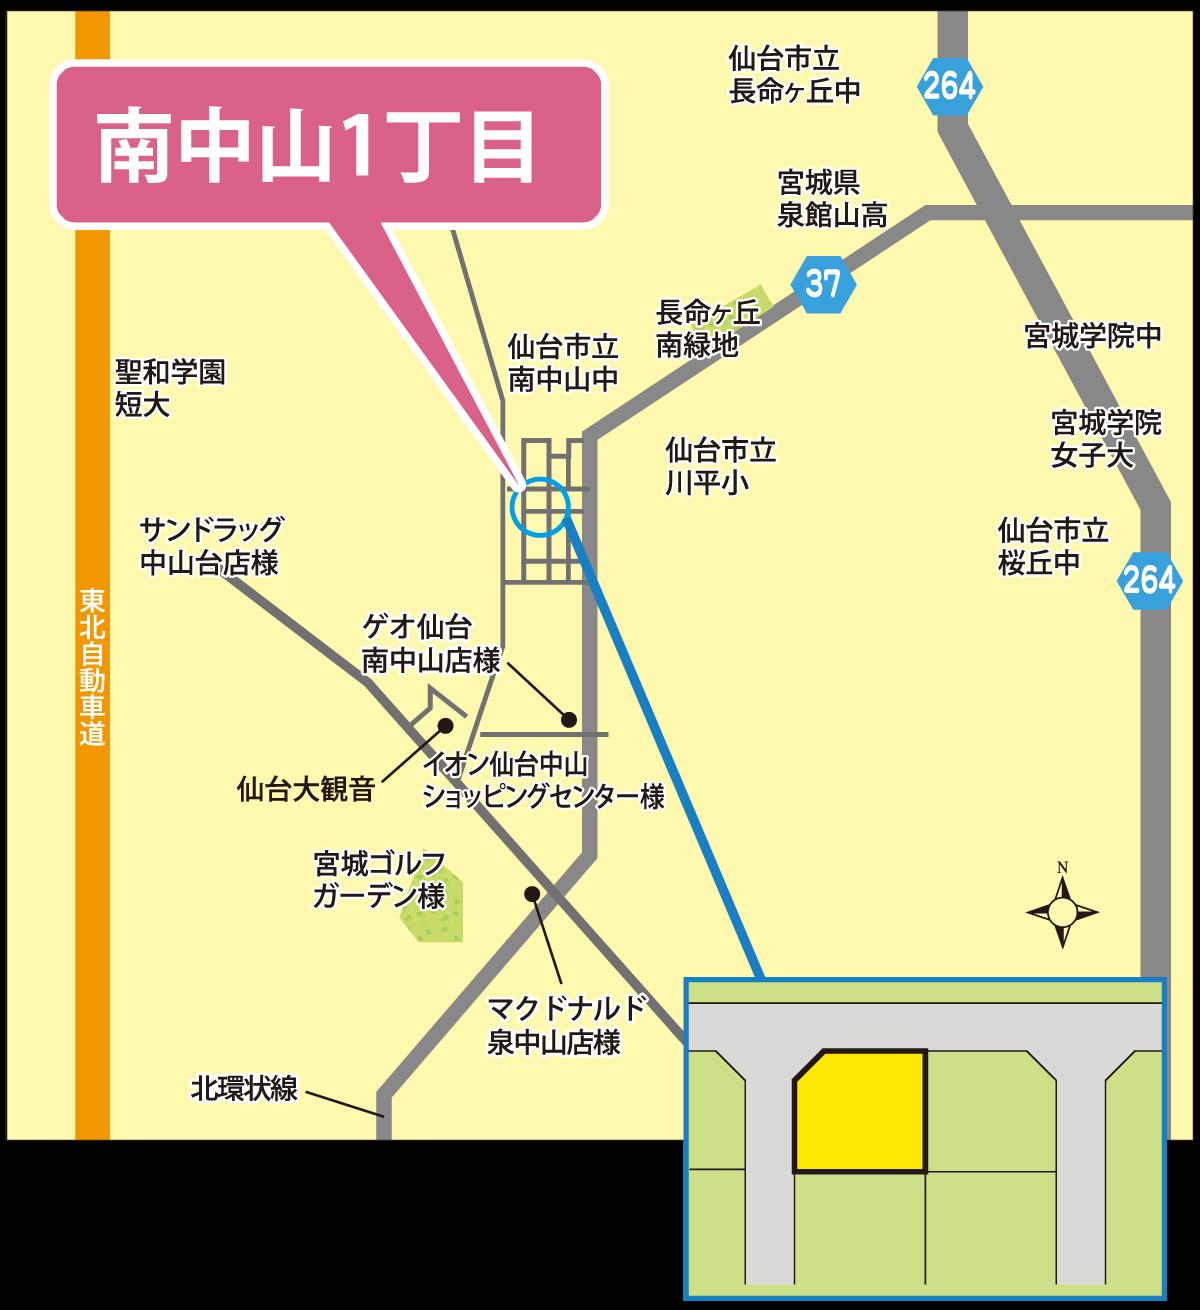 minaminakayama